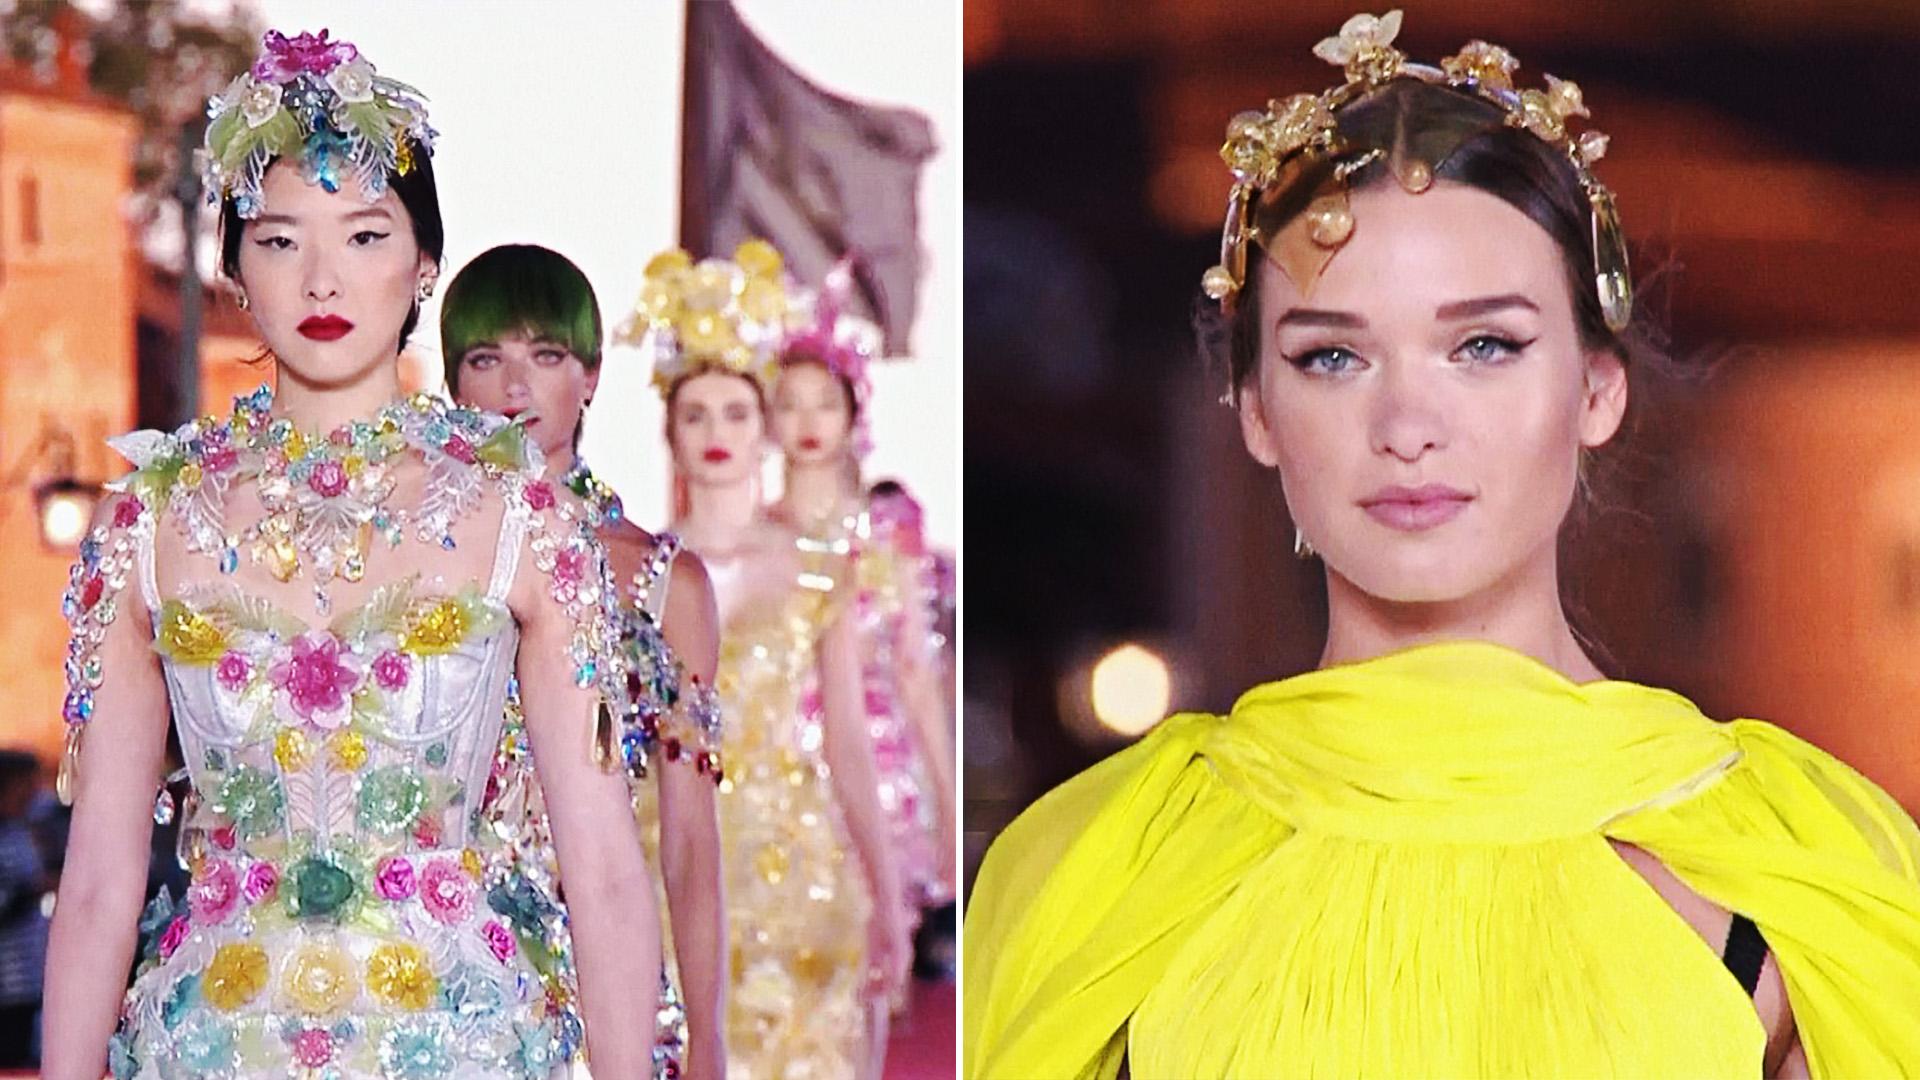 Показ Dolce & Gabbana: блеск, цвета и символы Венеции